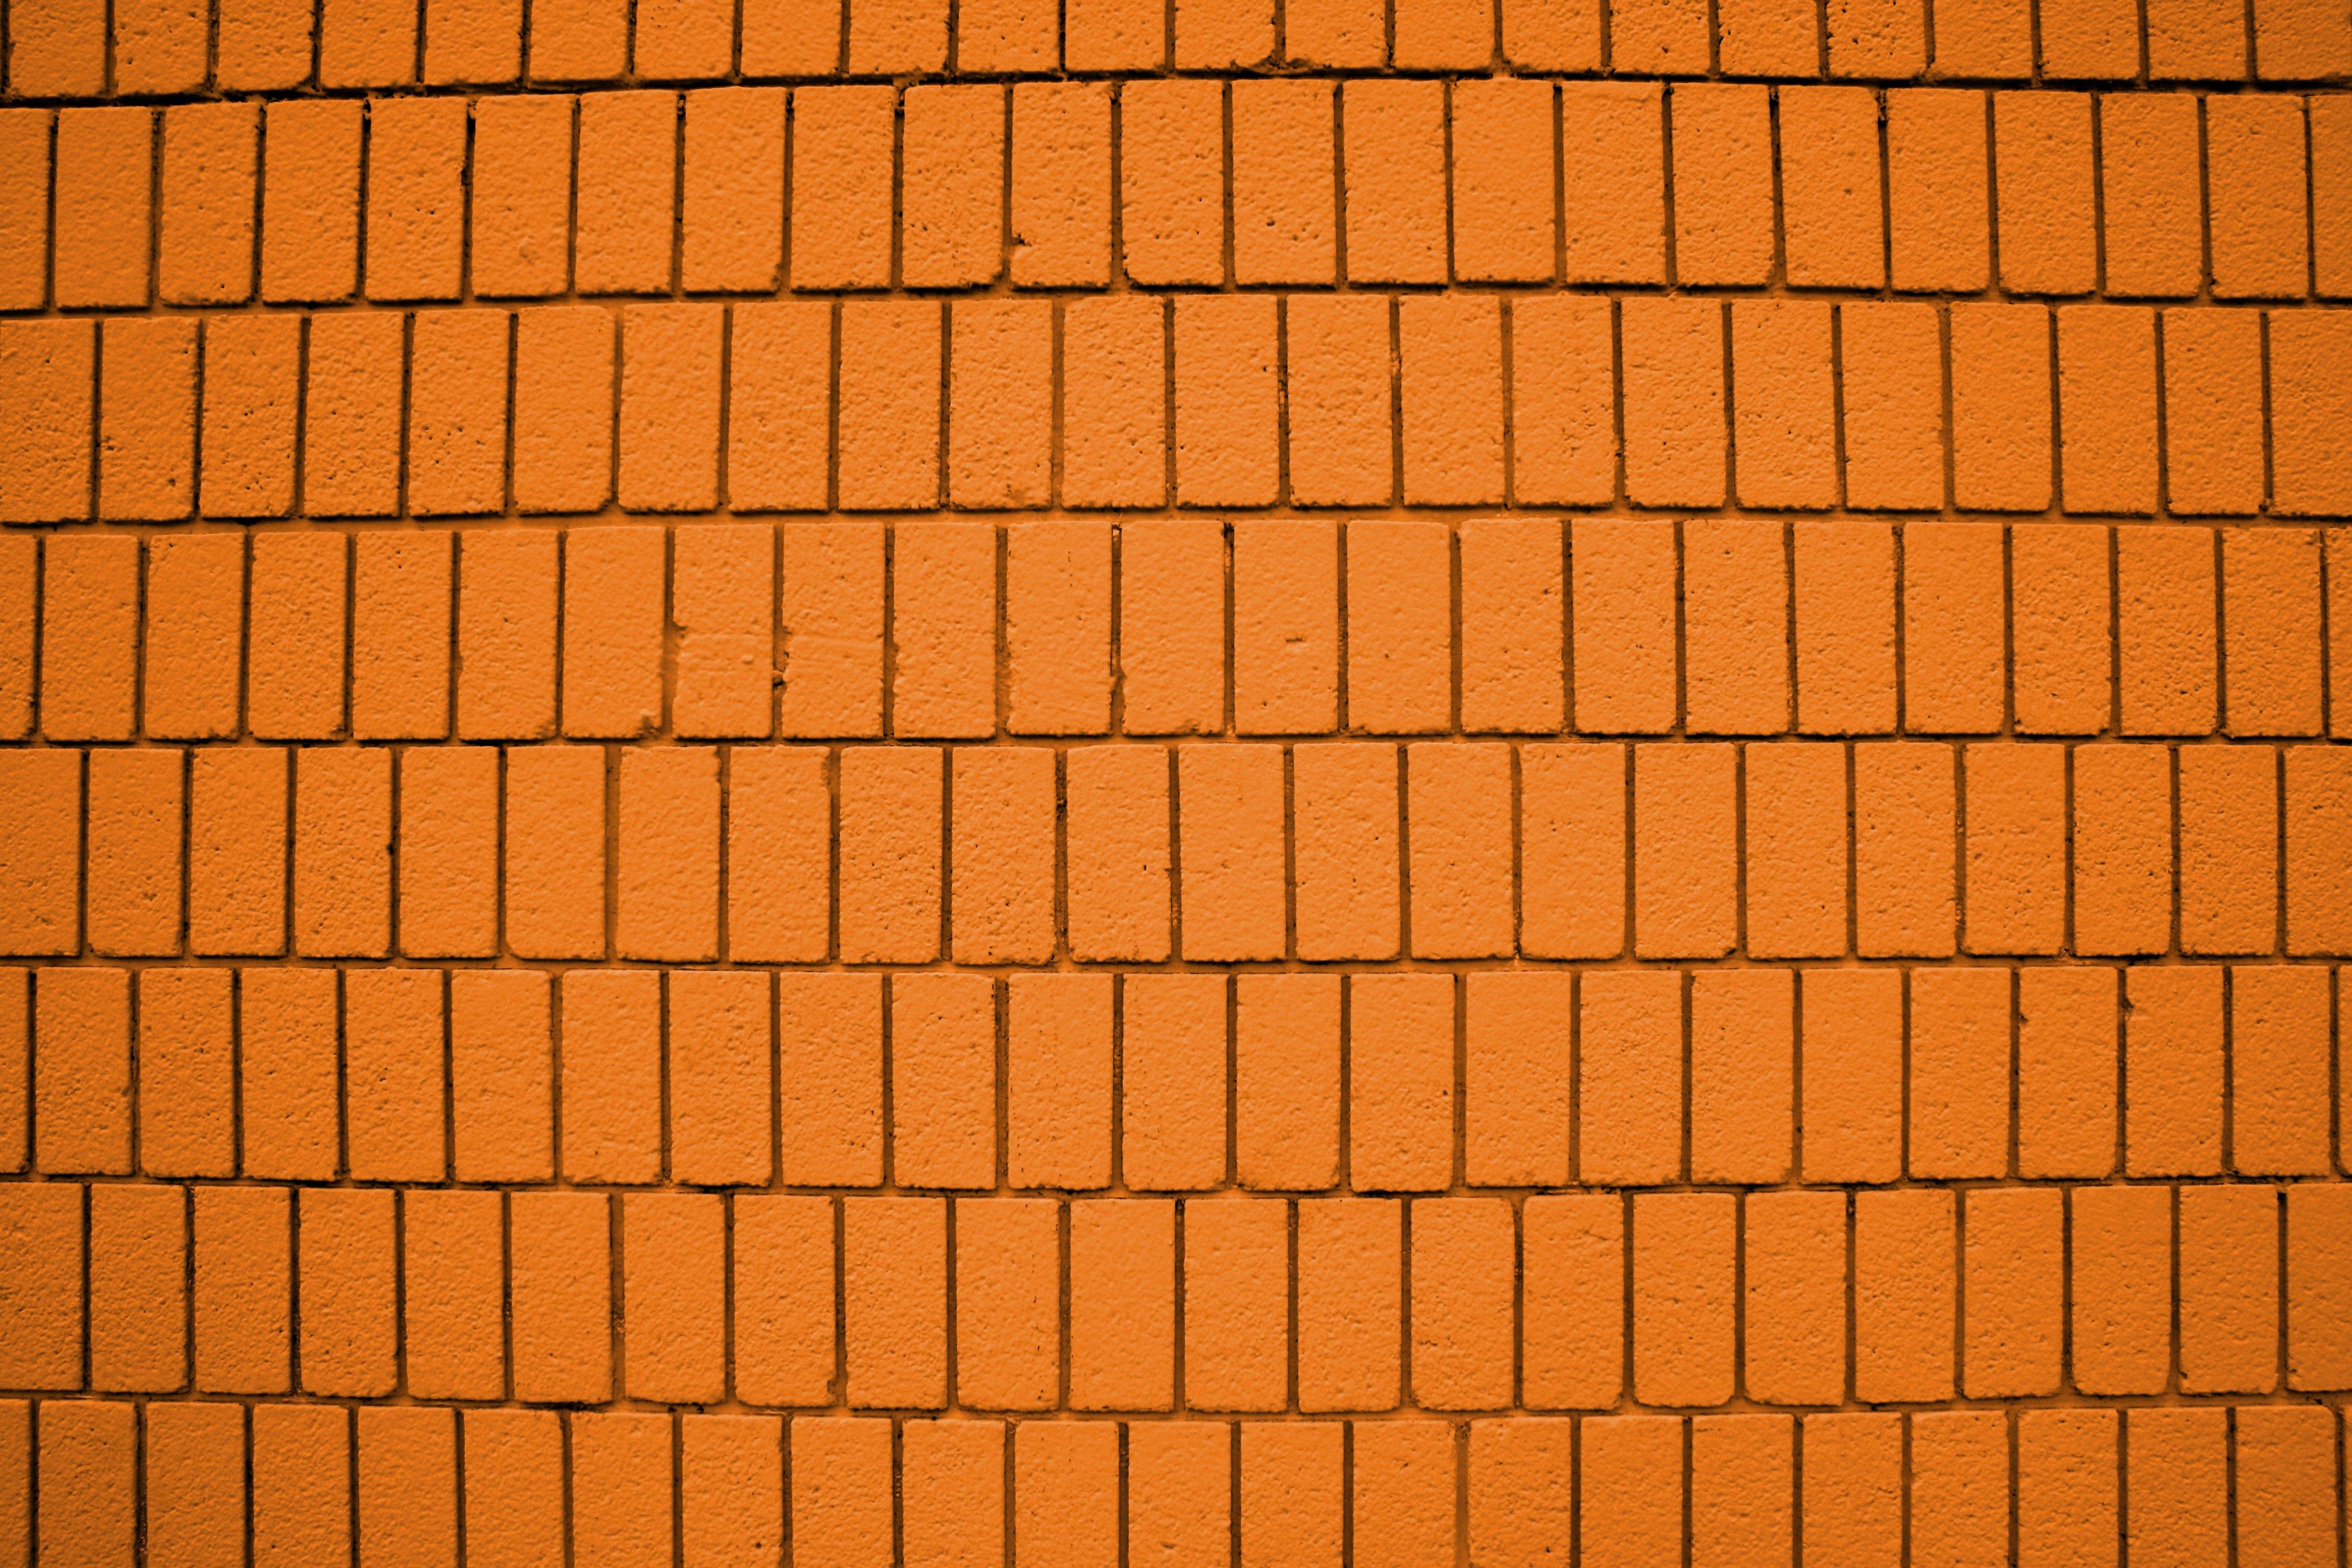 Orange texture clipart.